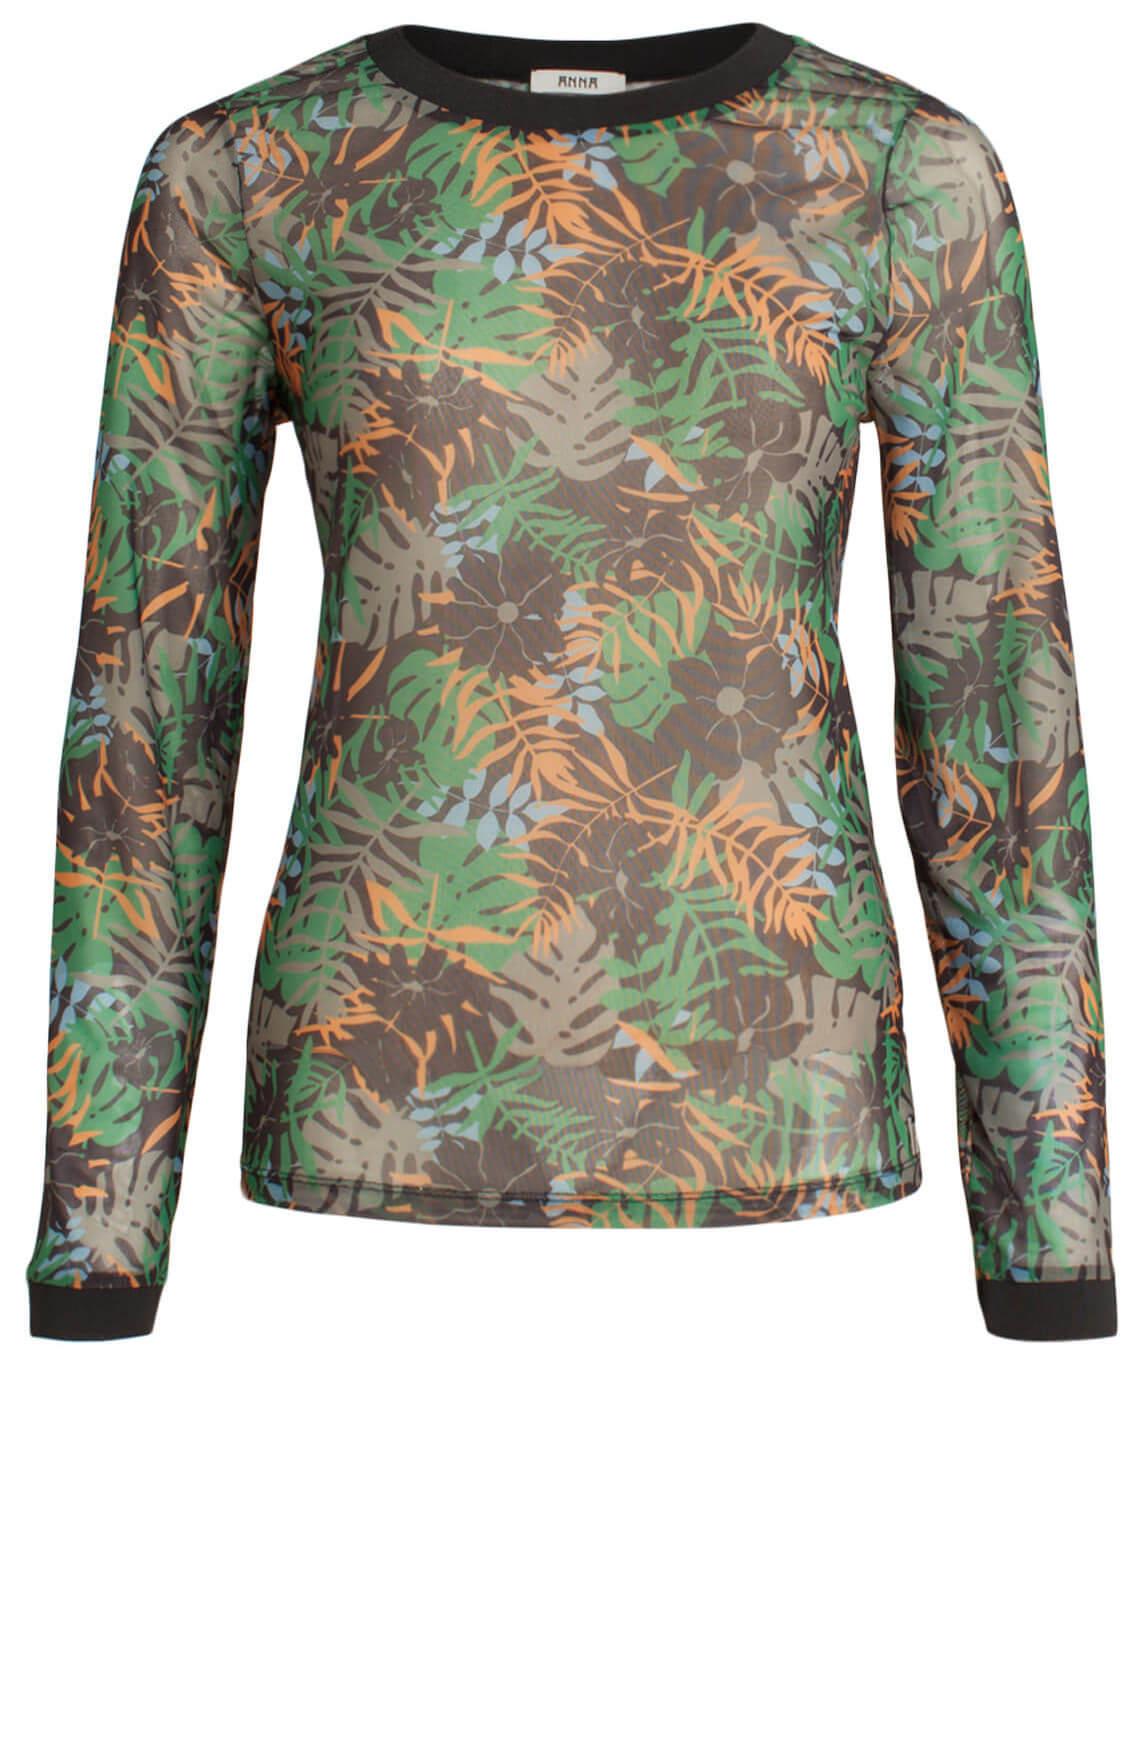 Anna Dames Mesh shirt met bladprint groen